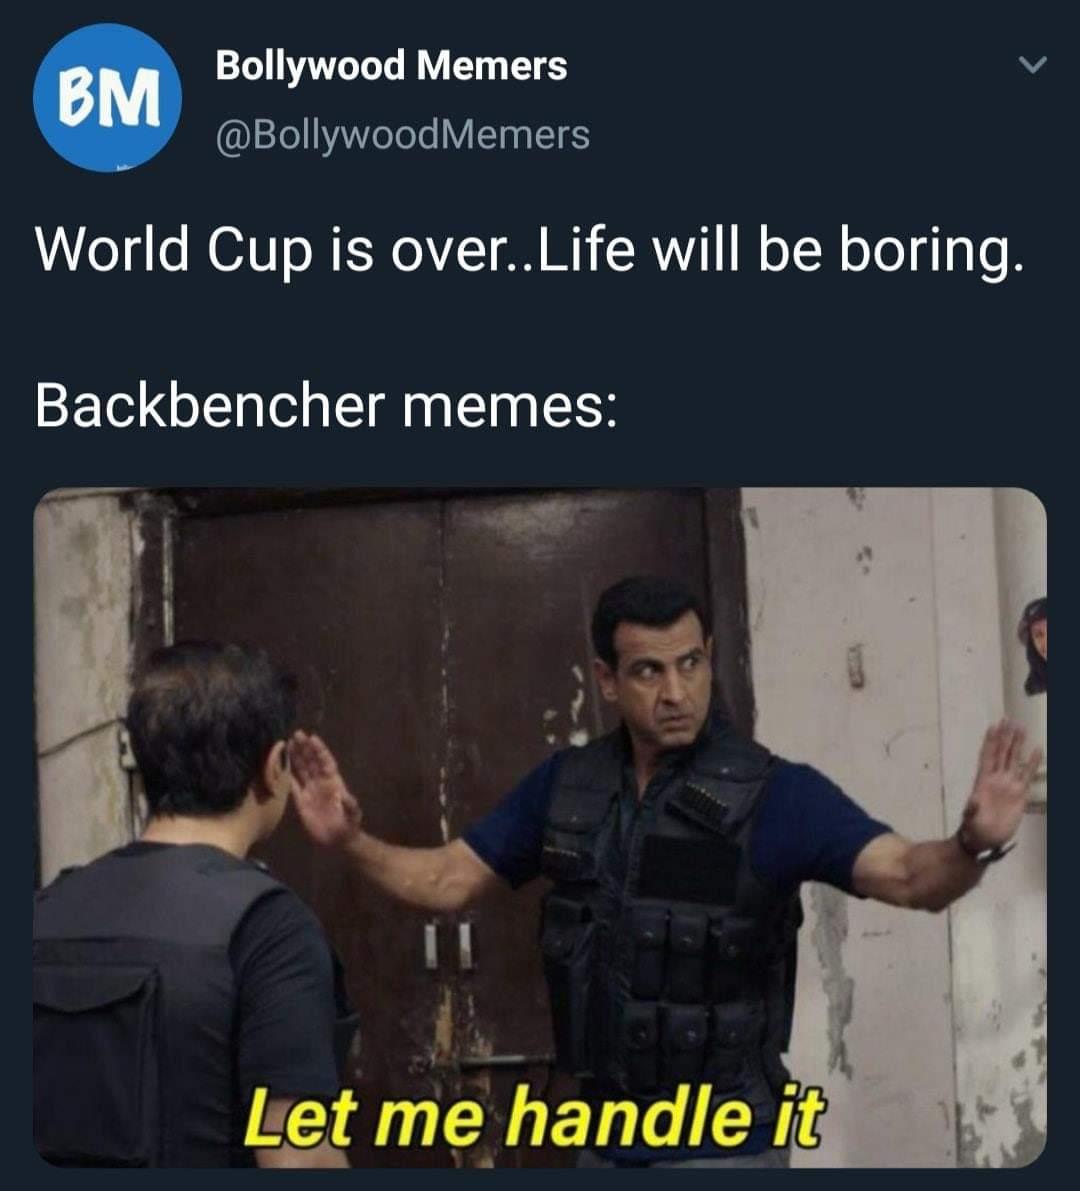 backbencher memes